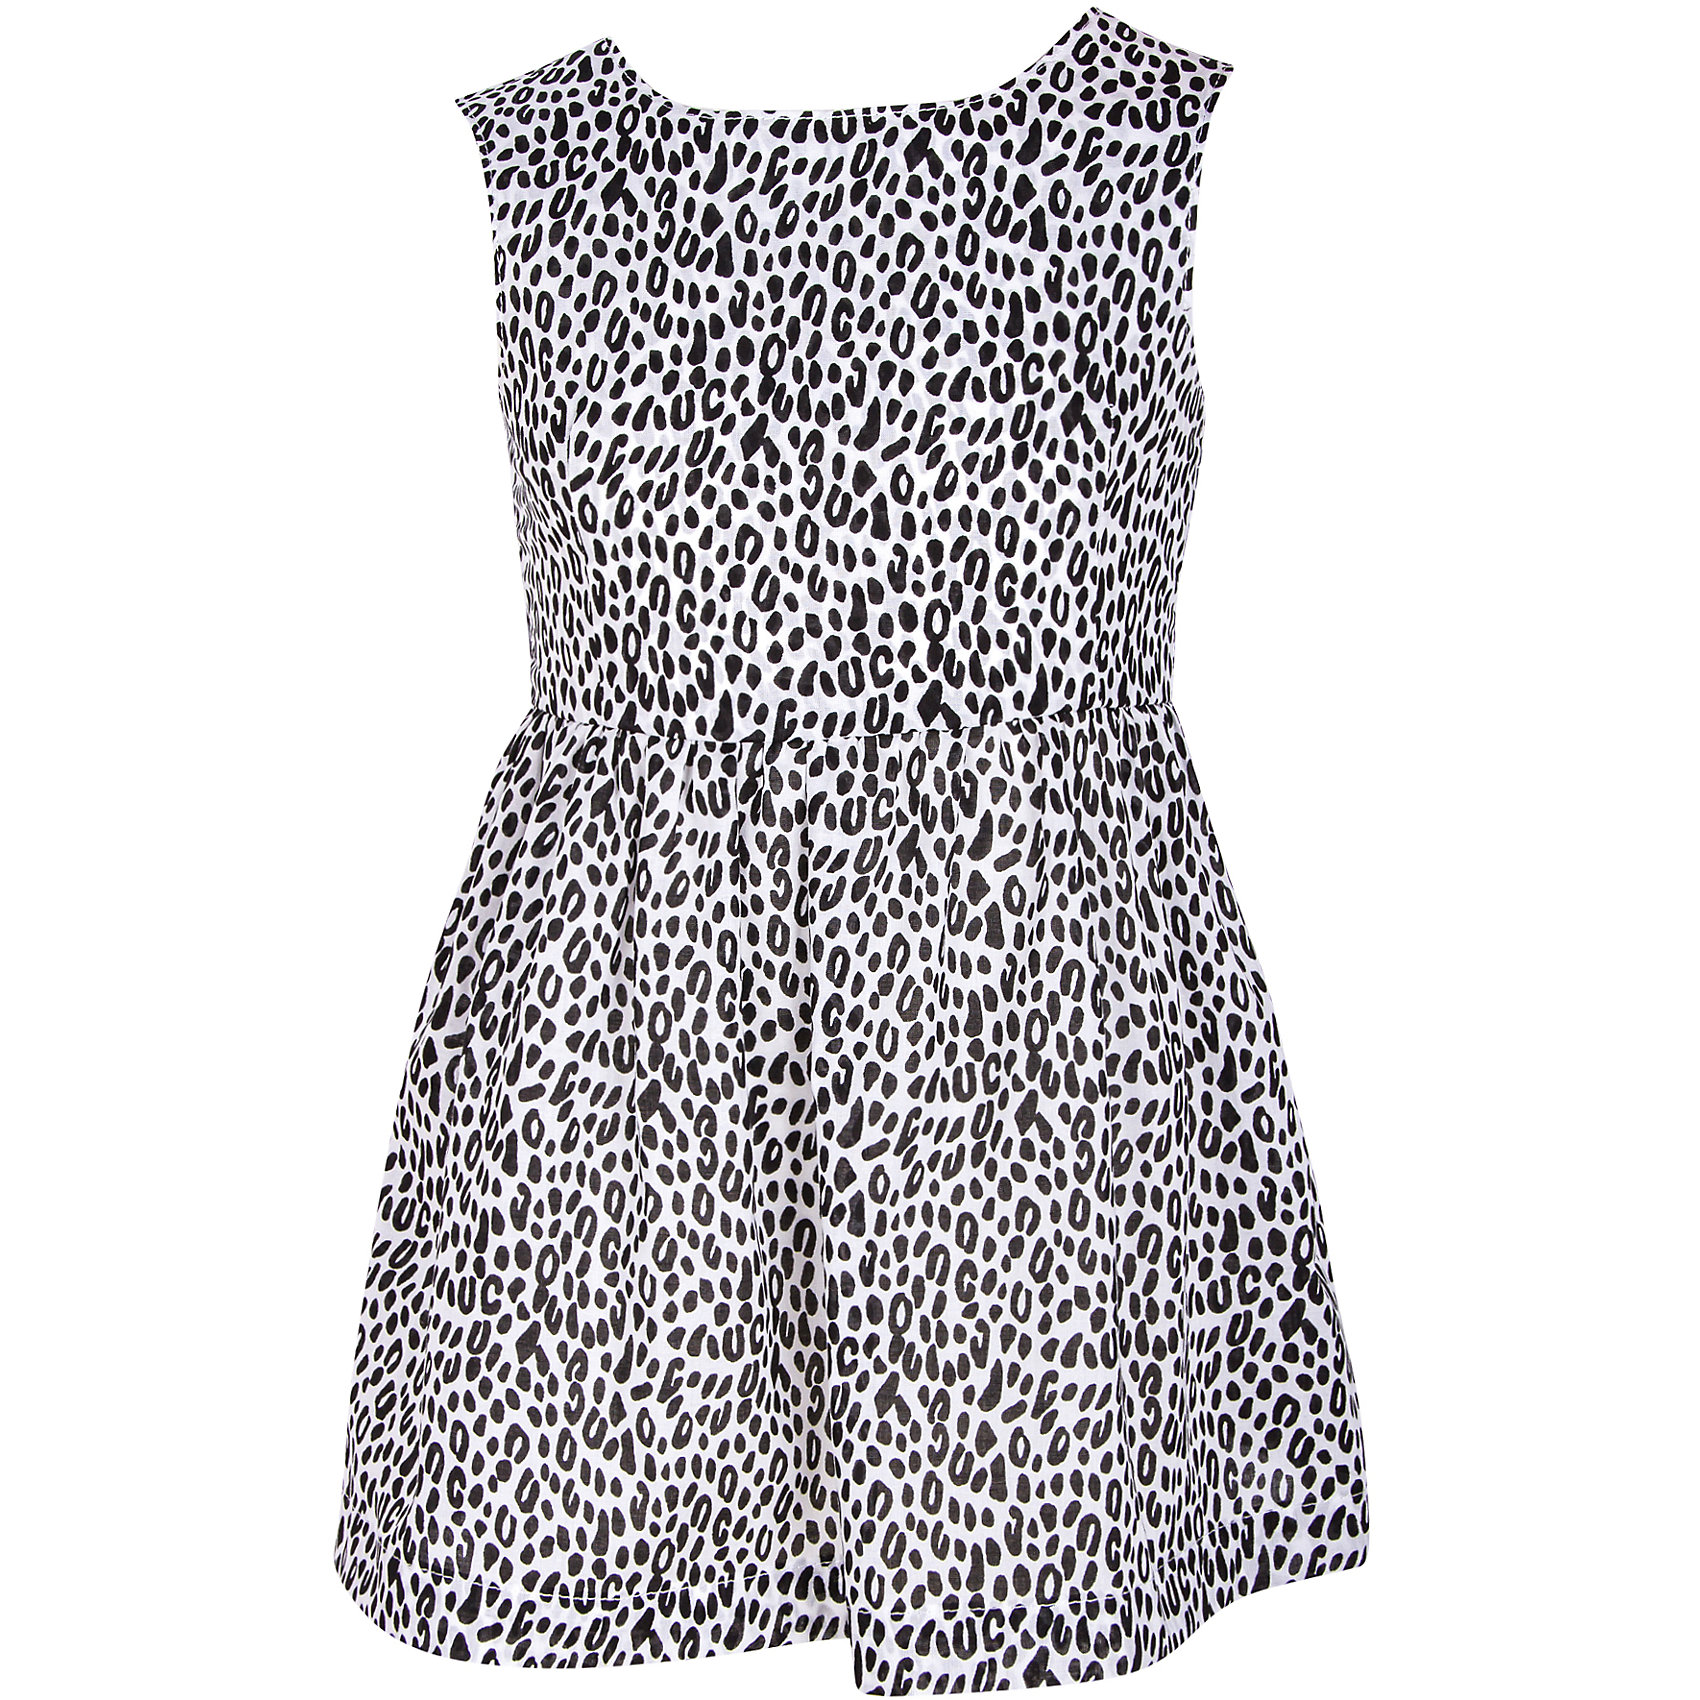 Платье для девочки WOWПлатье для девочки от марки WOW.<br>Спинка платья полуоткрытая, с застежкой на 2 пуговицы, сзади по линии талии вставлена резинка.<br>Состав:<br>поплин 100%хлопок<br><br>Ширина мм: 236<br>Глубина мм: 16<br>Высота мм: 184<br>Вес г: 177<br>Цвет: черный<br>Возраст от месяцев: 36<br>Возраст до месяцев: 48<br>Пол: Женский<br>Возраст: Детский<br>Размер: 104,98,110,128,134,122,116<br>SKU: 4578547